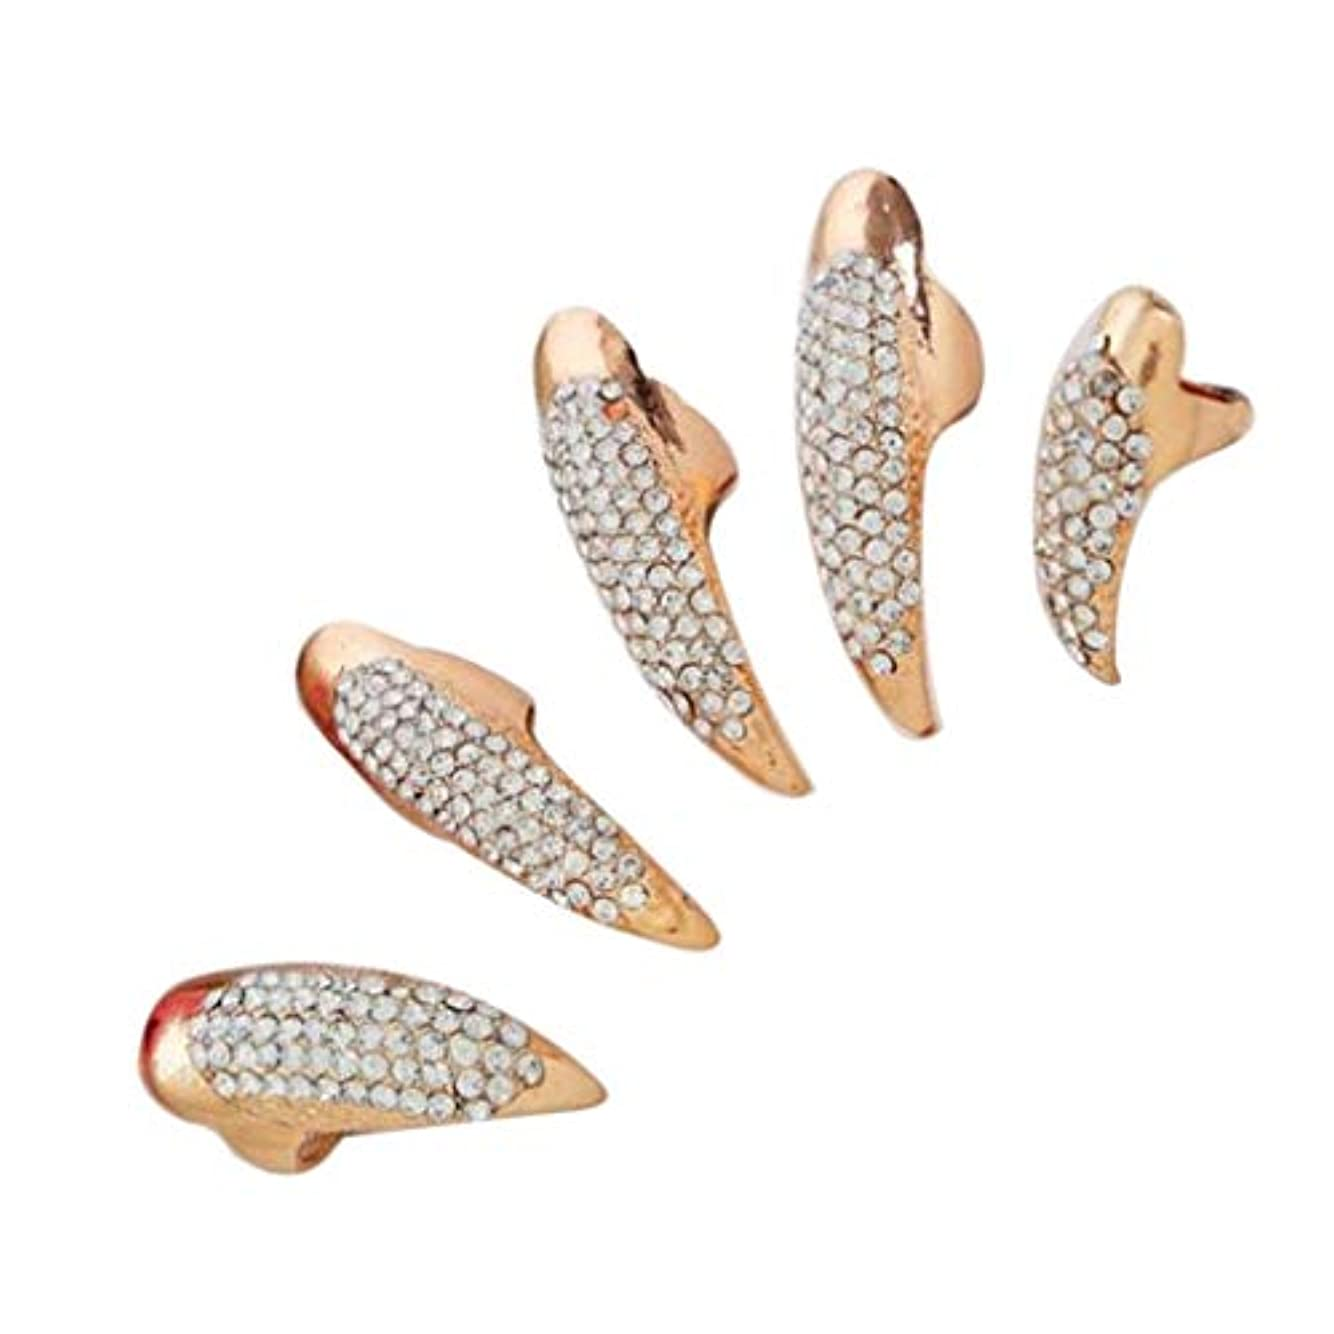 シリアル折り目拮抗するSM SunniMix ネイルリング チップリング 爪の指輪 指先の指輪 ネイルアート フォークリング 2色選べ - ゴールデン